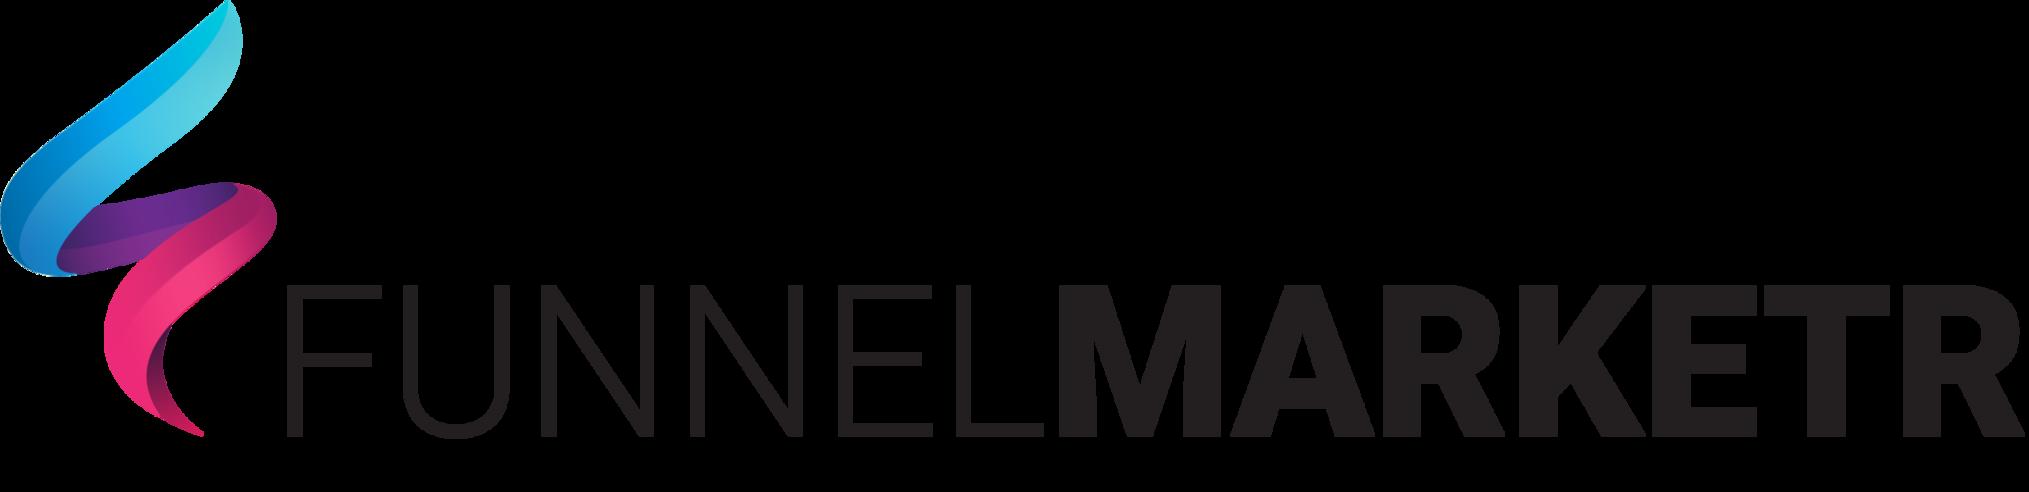 FunnelMarketr logo